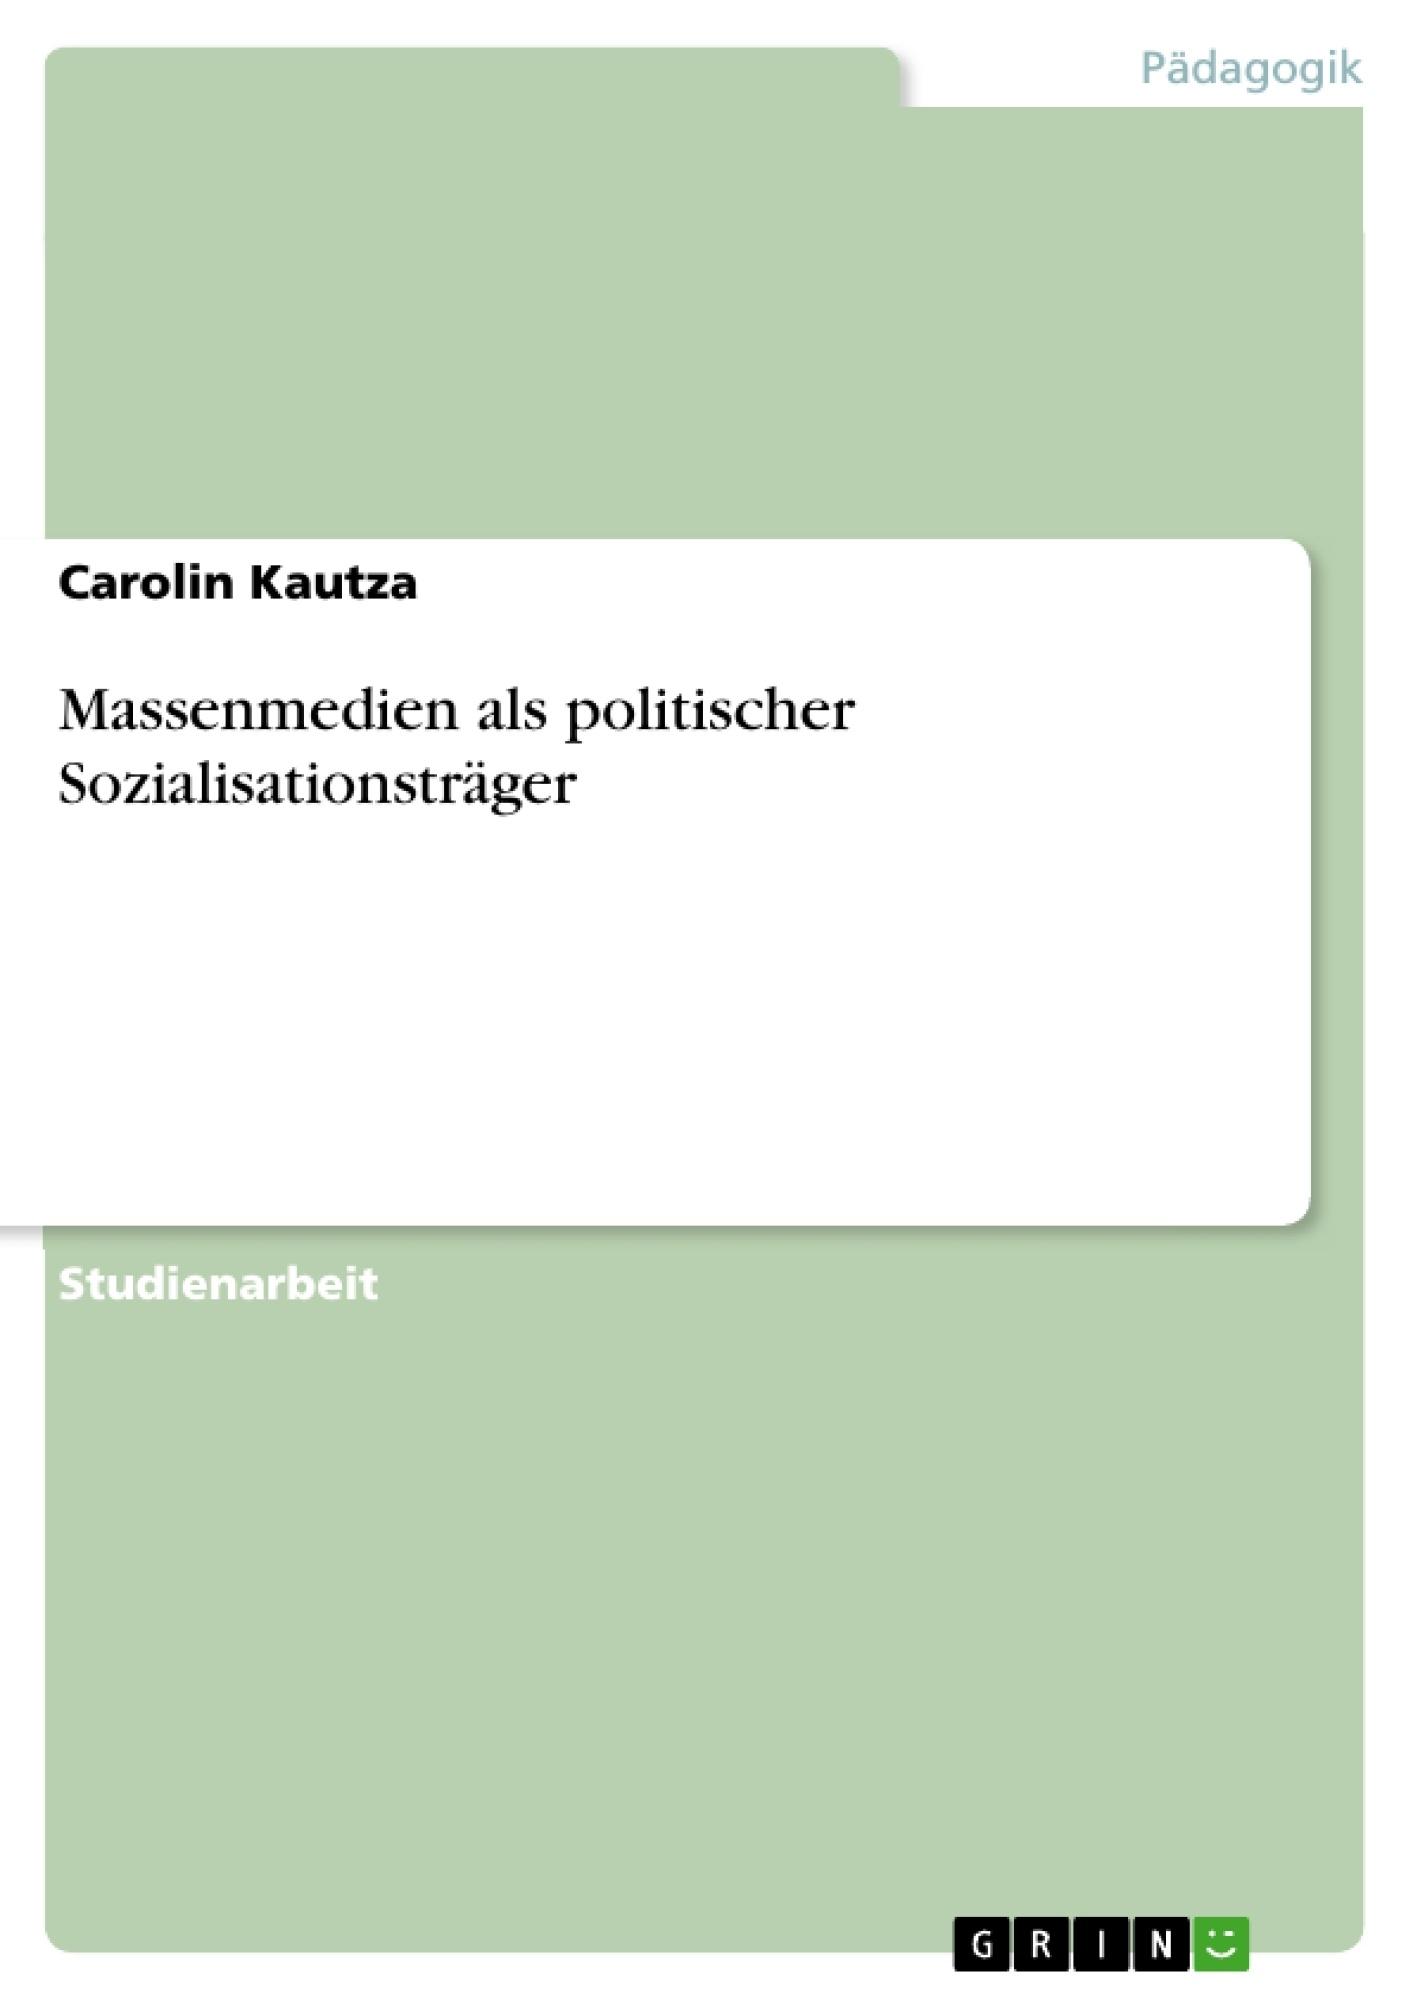 Titel: Massenmedien als politischer Sozialisationsträger